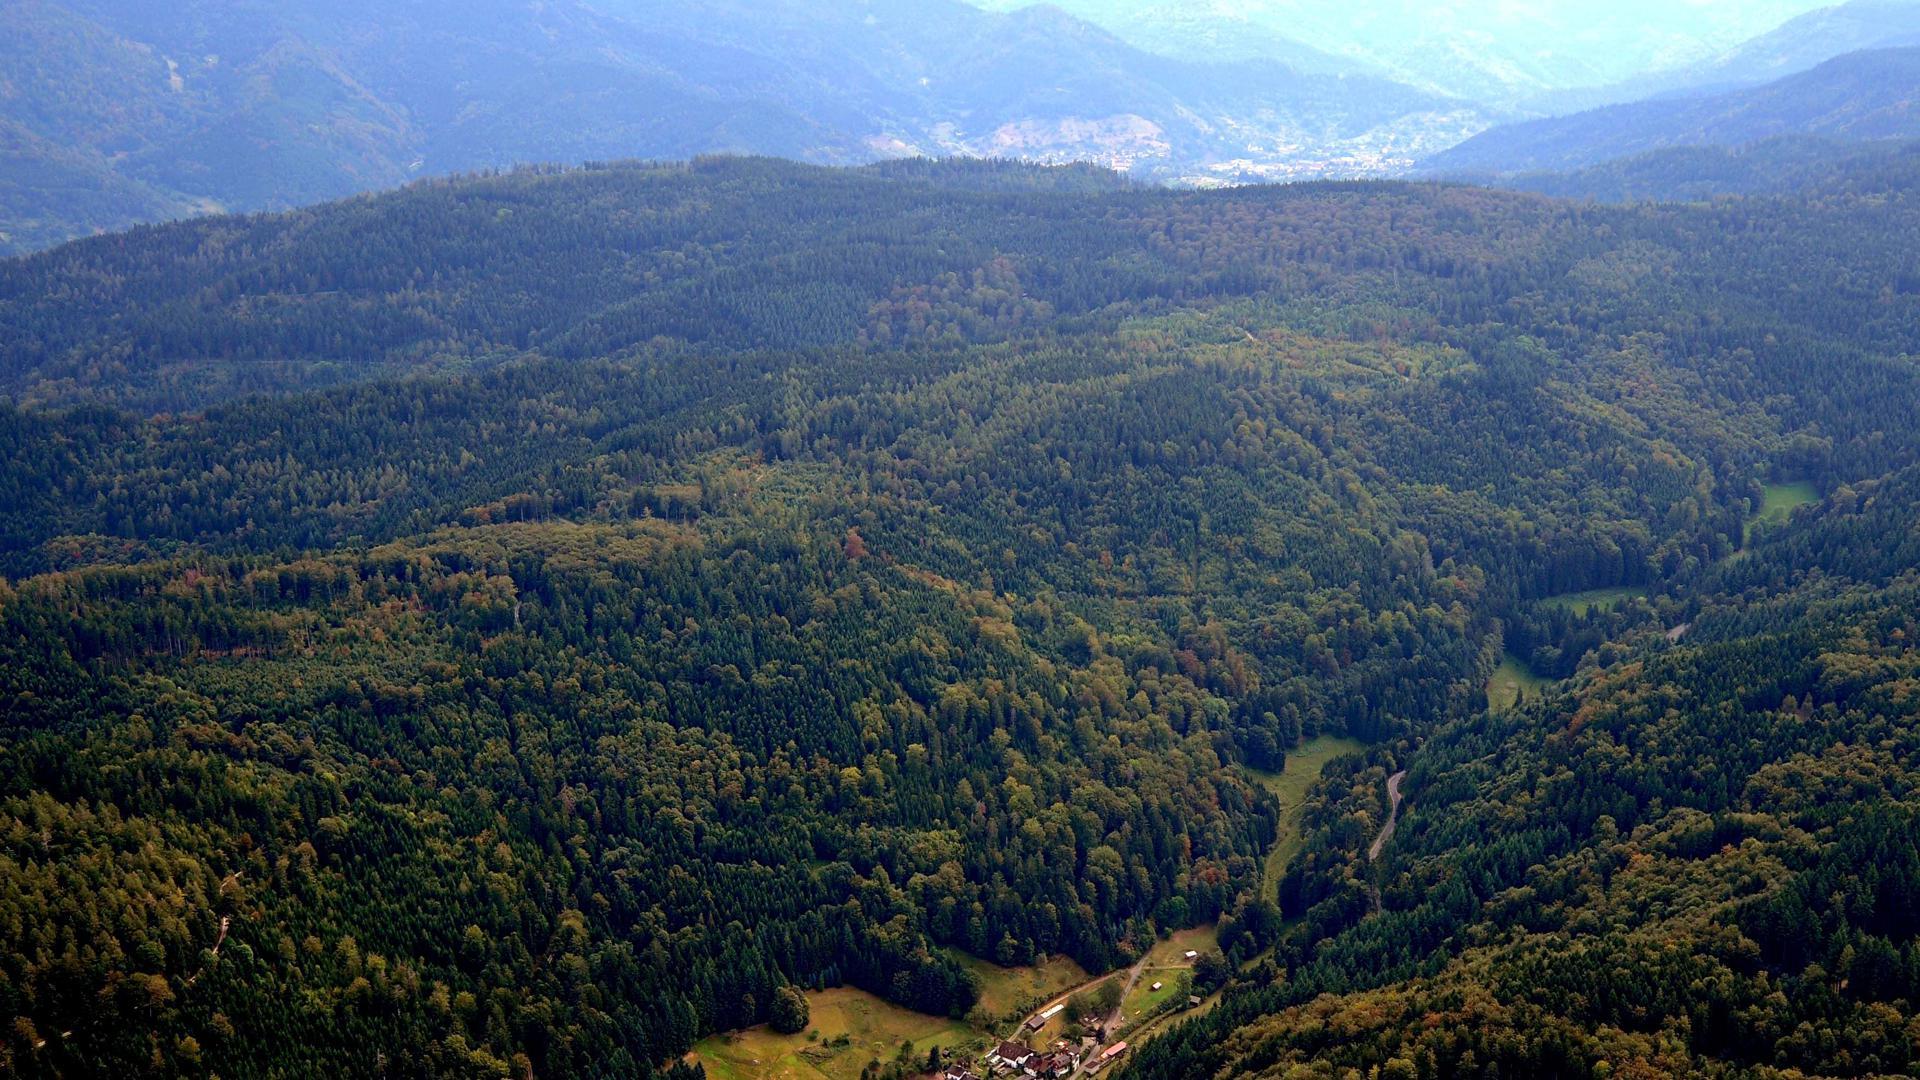 Die Höhenzüge oberhalb von Schmalbach (unten) sind ein Standort für Windkraftanlagen, den die Stadt jetzt wiederbeleben will.